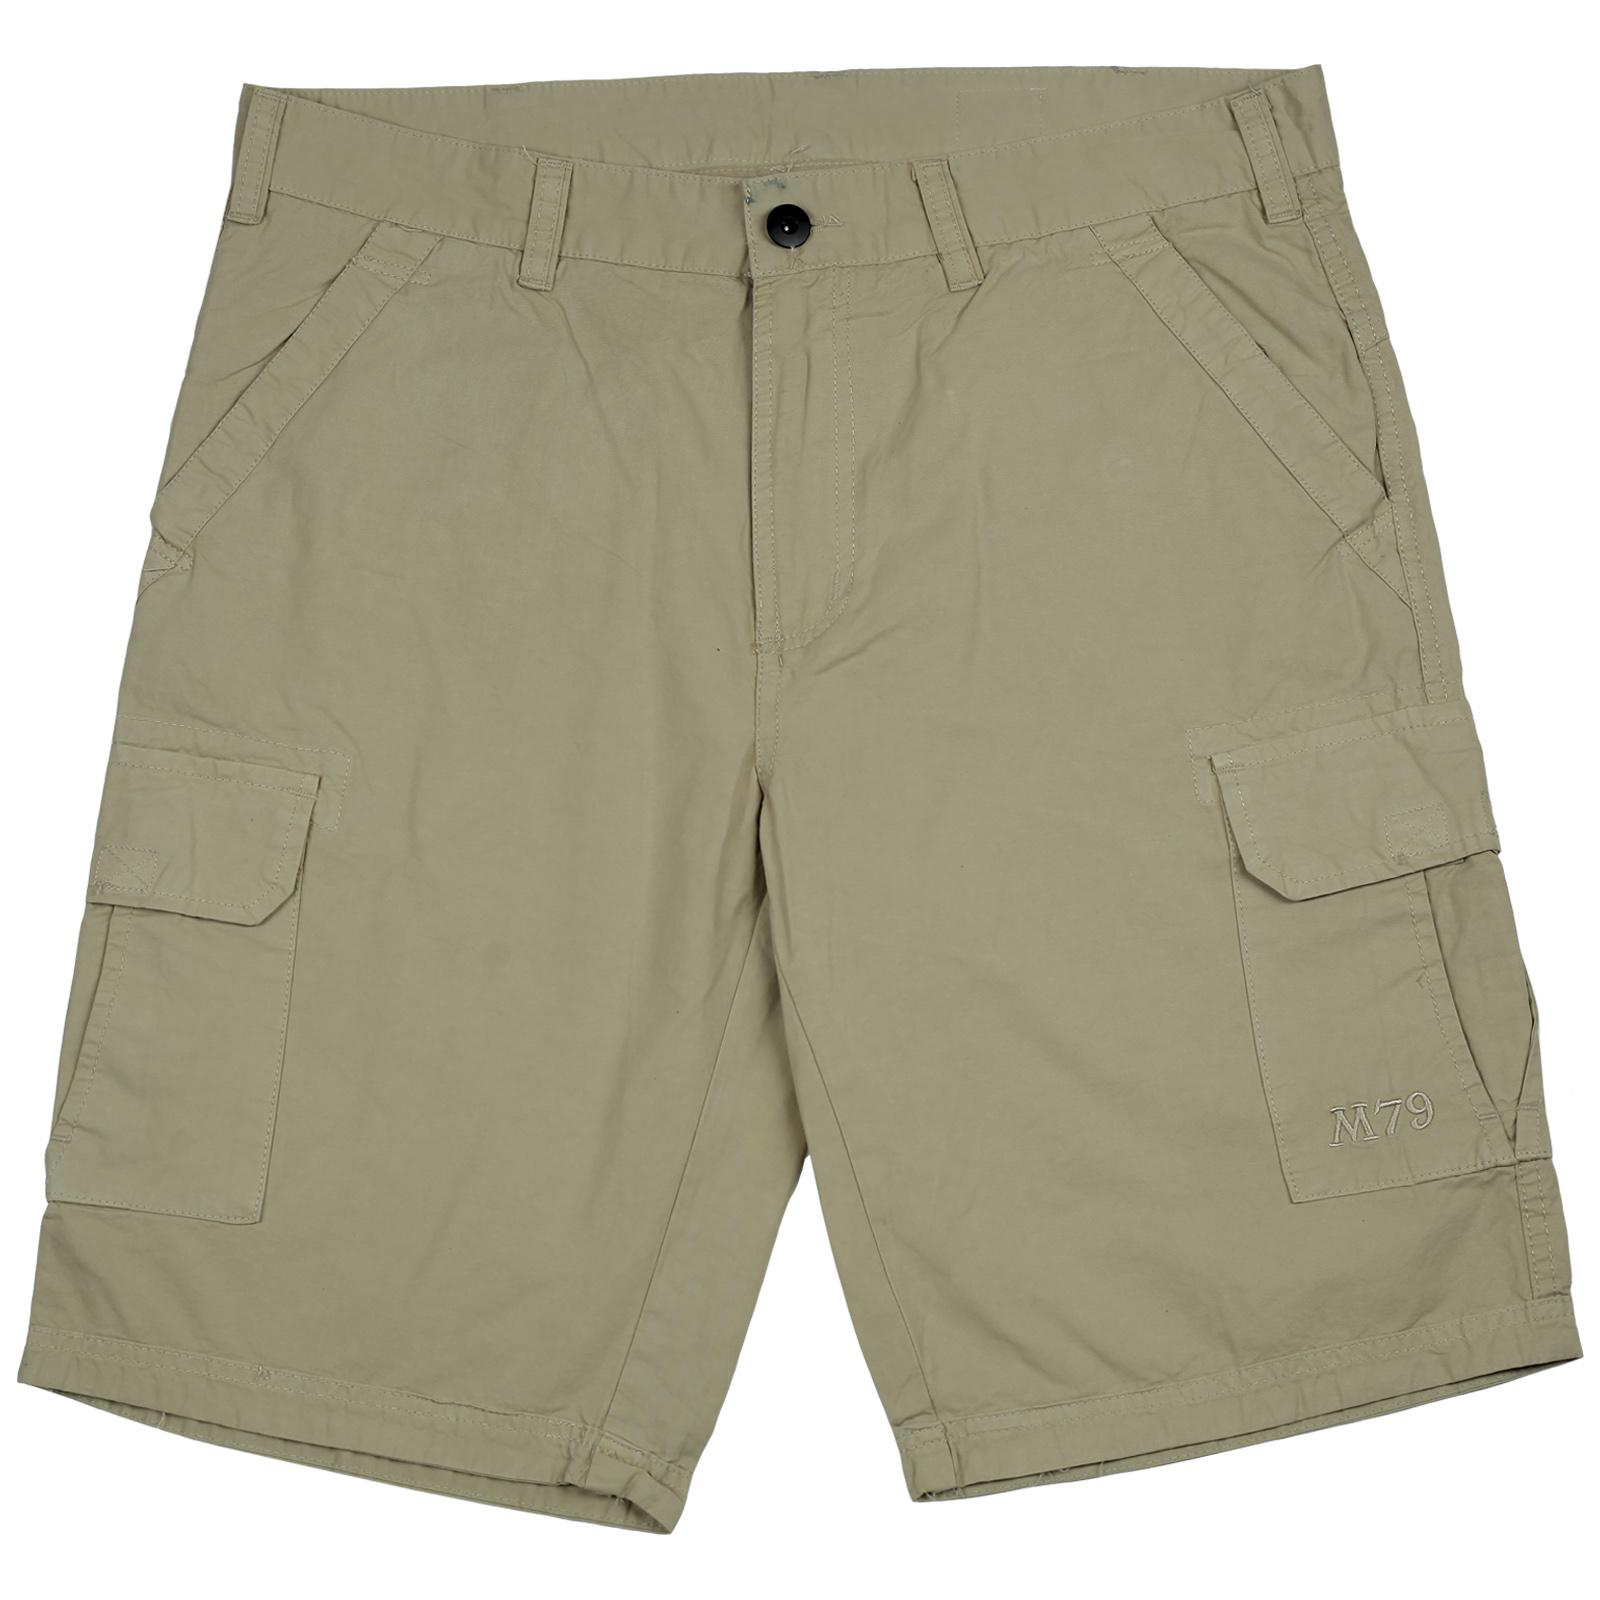 Мужские шорты М79 из хлопка. Практичная модель на каждый день